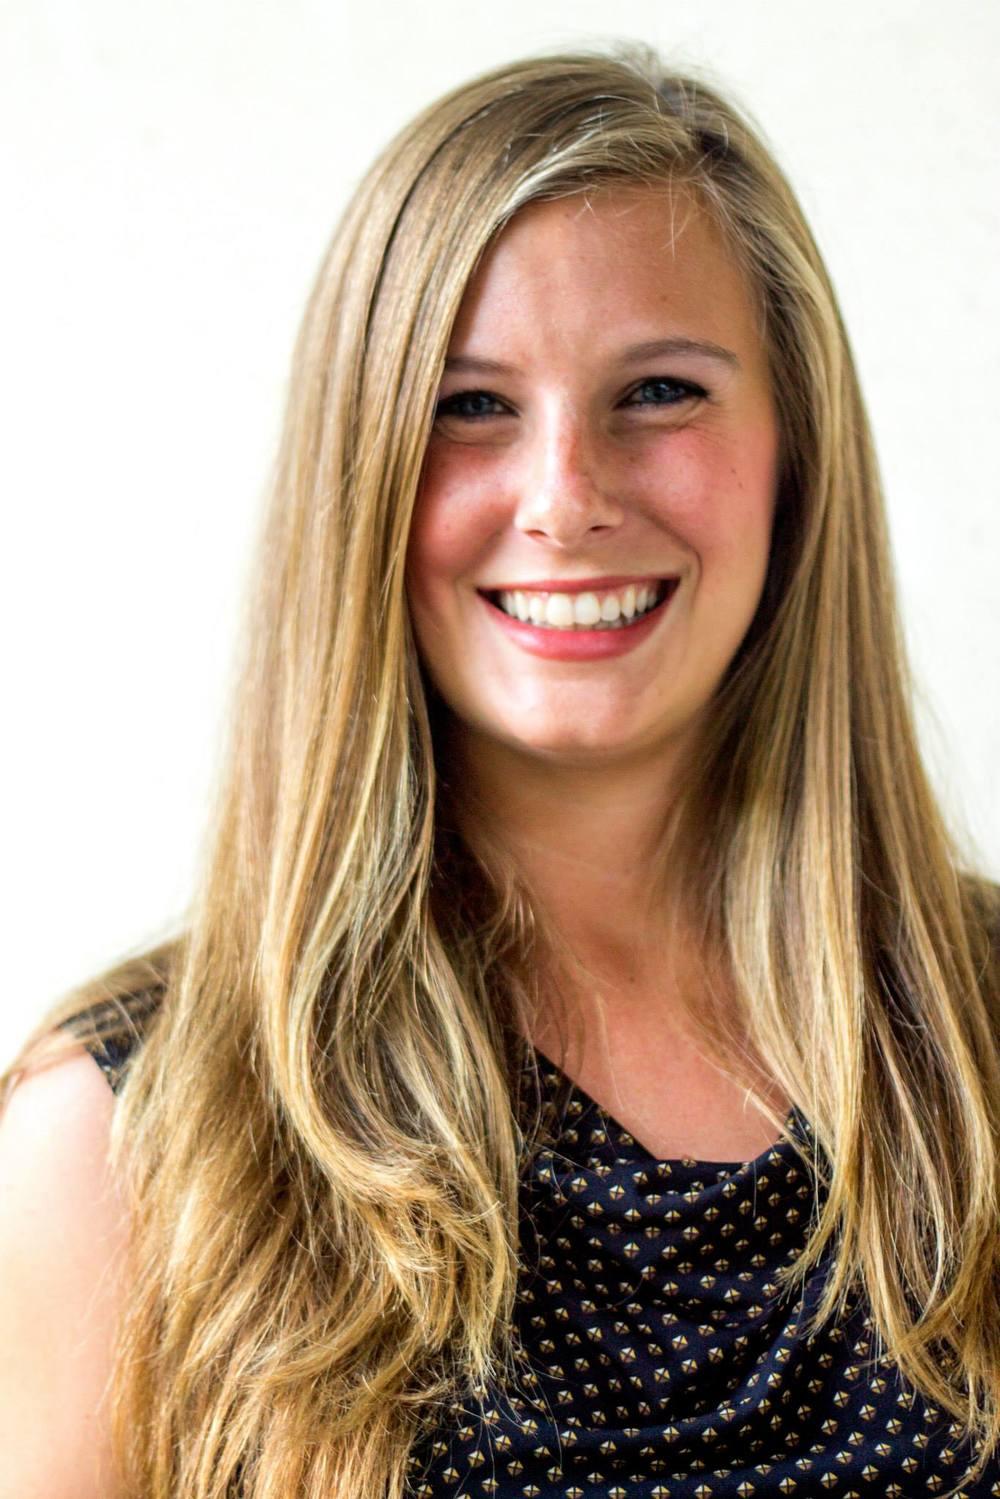 Chelsea McCorvey